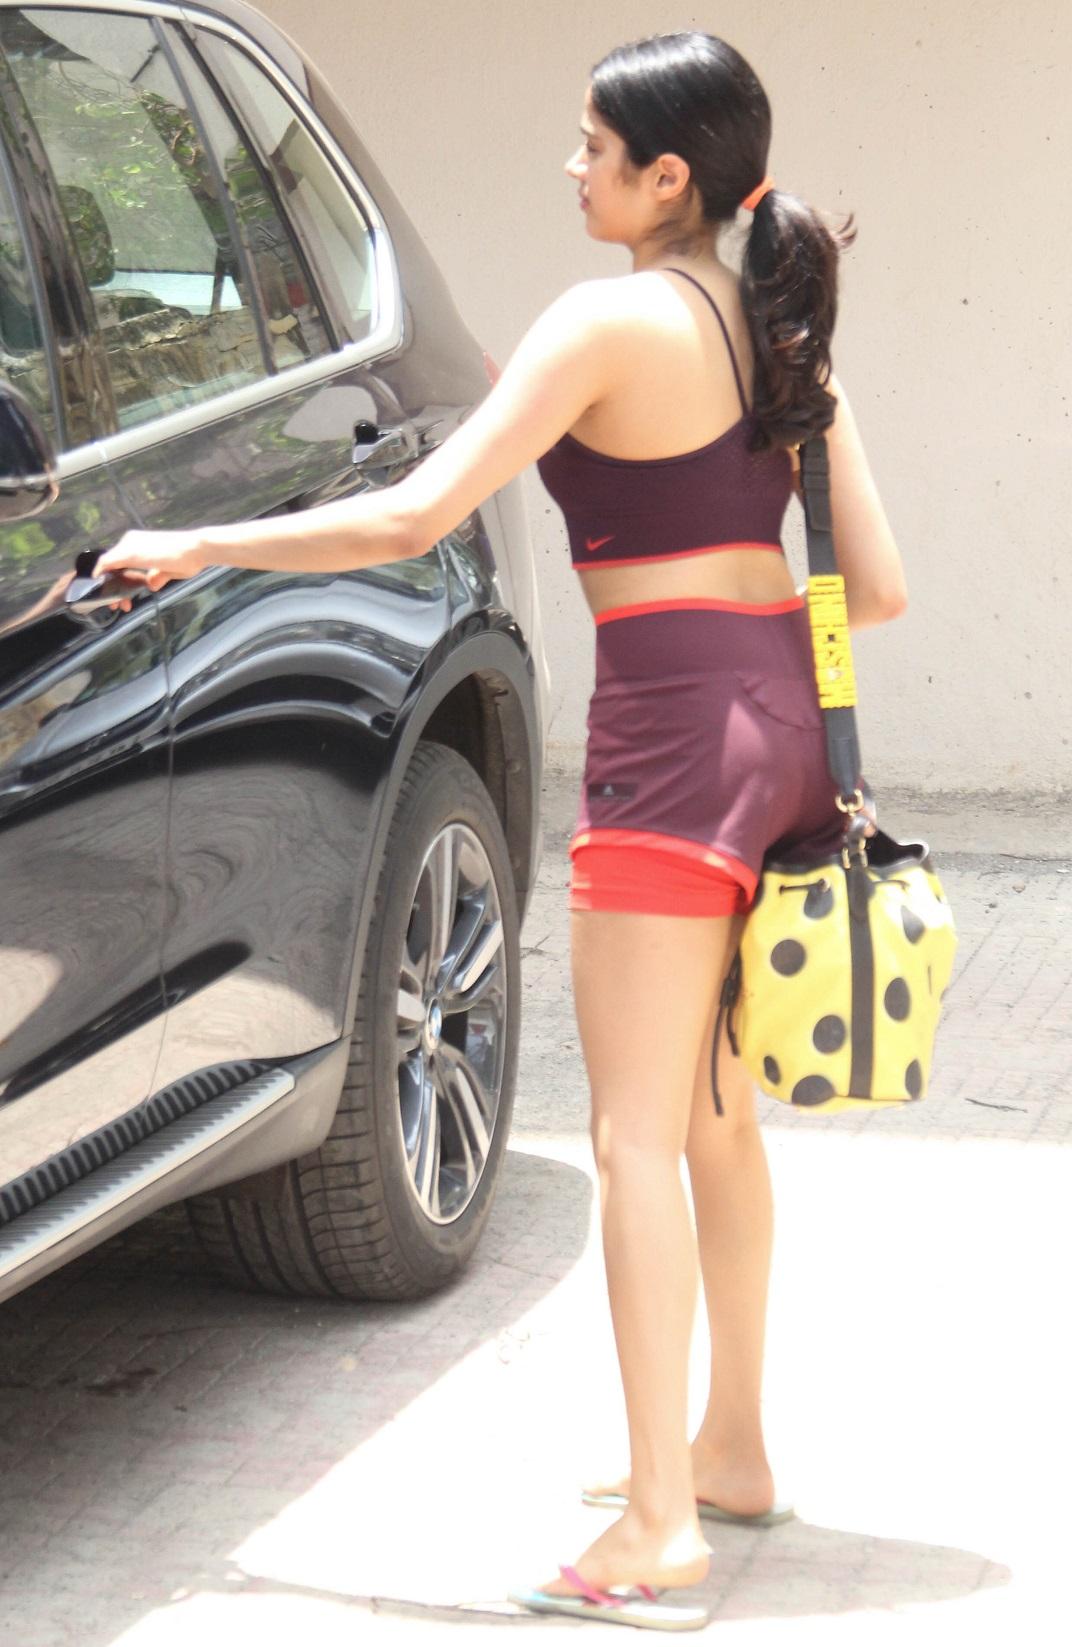 Bollywood Tadka, जाह्नवी कपूर इमेज, जाह्नवी कपूर फोटो, जाह्नवी कपूर पिक्चर